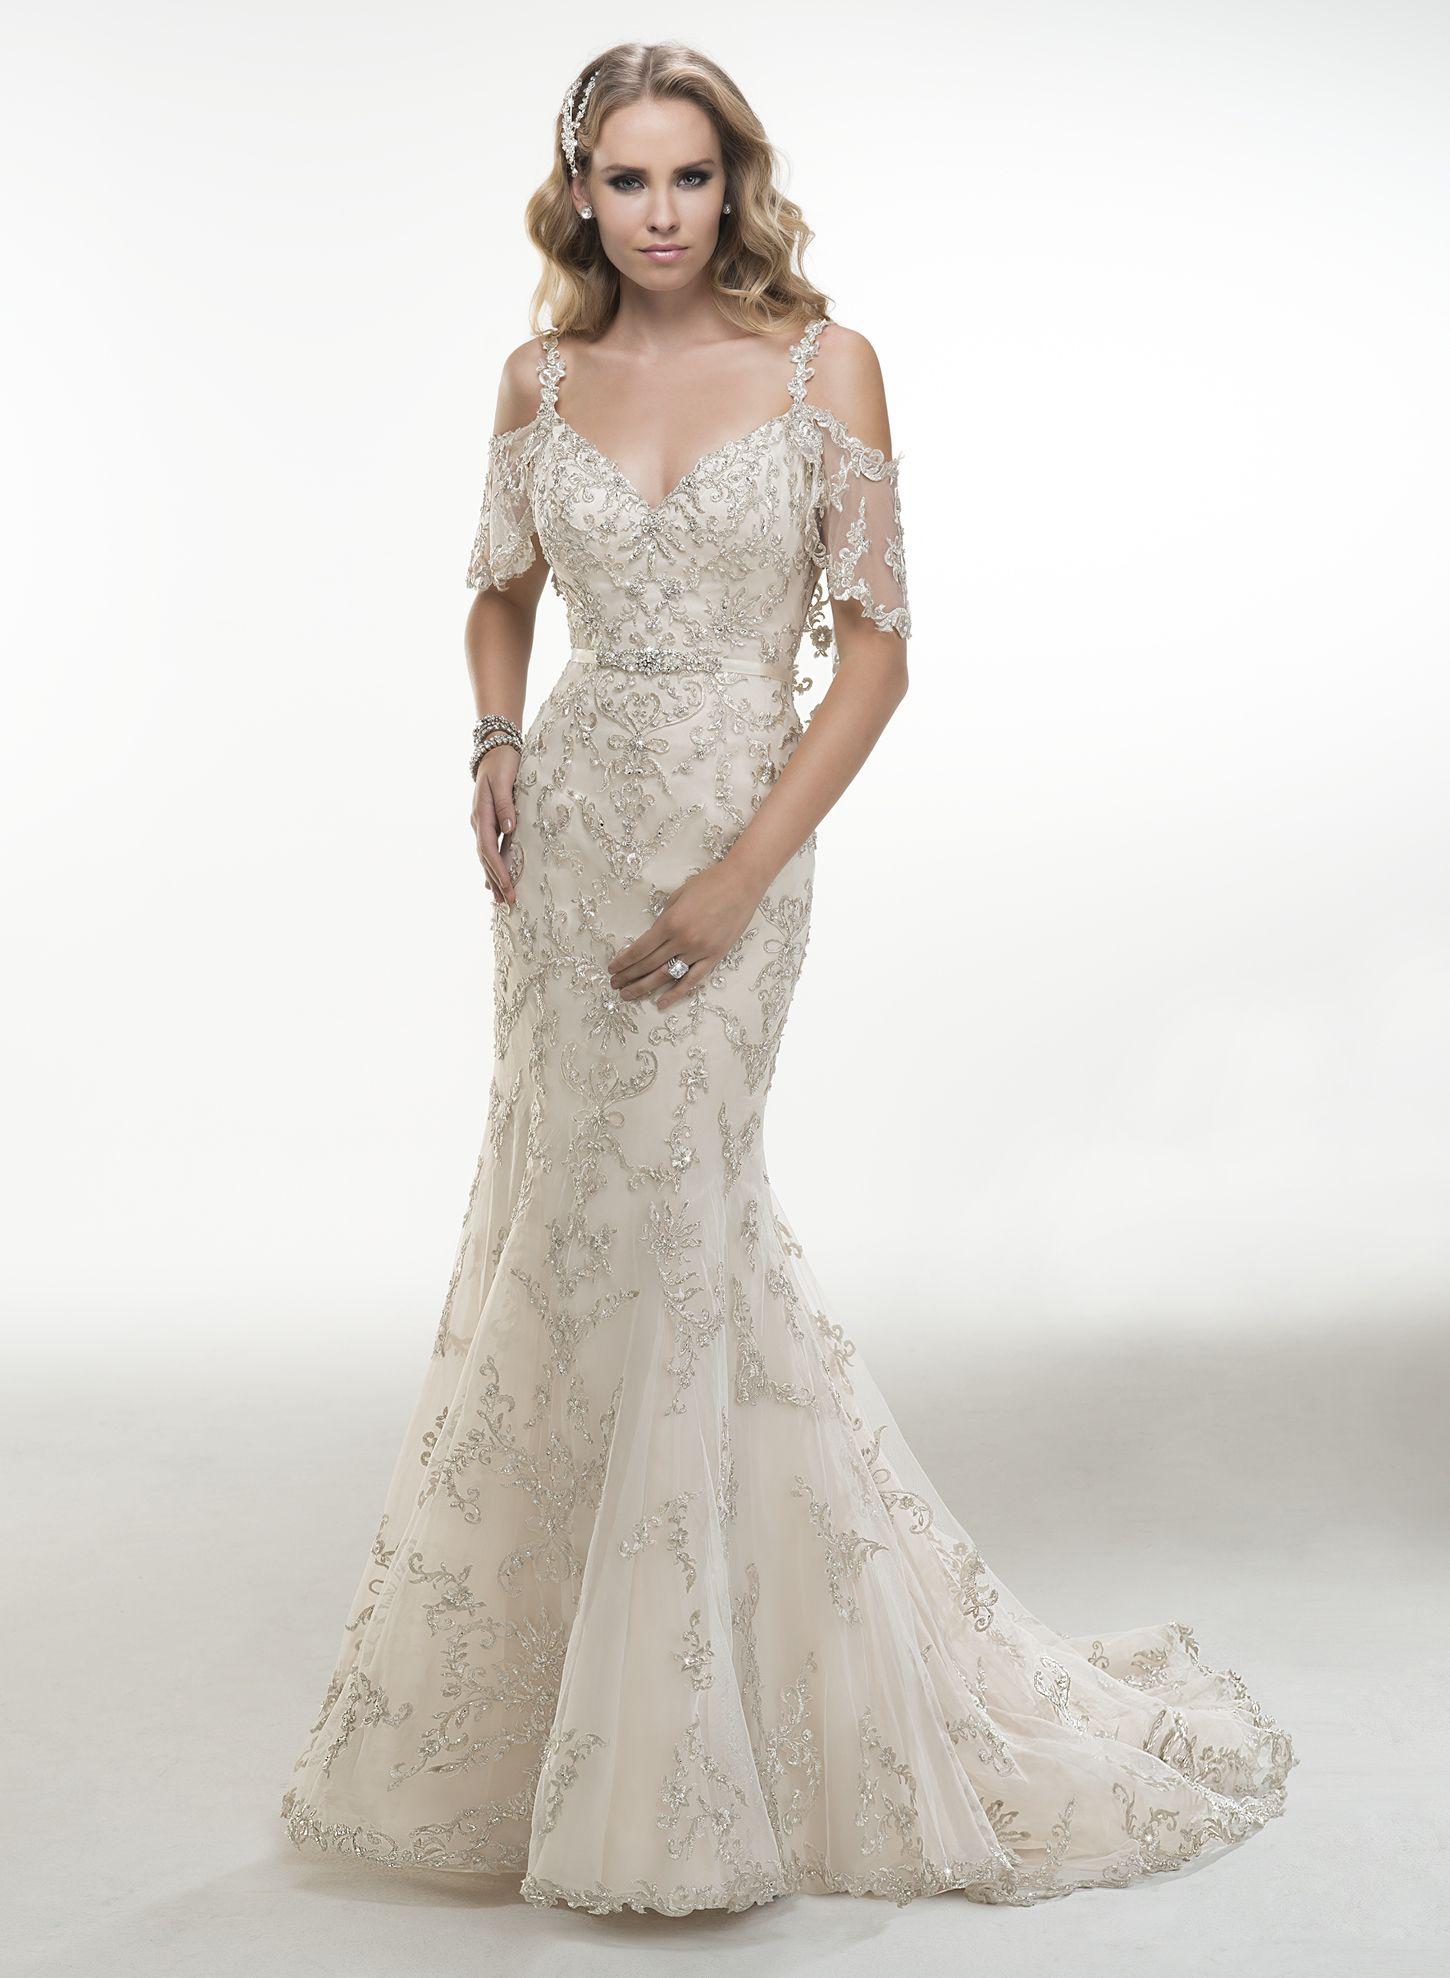 46++ Cold shoulder wedding dress info